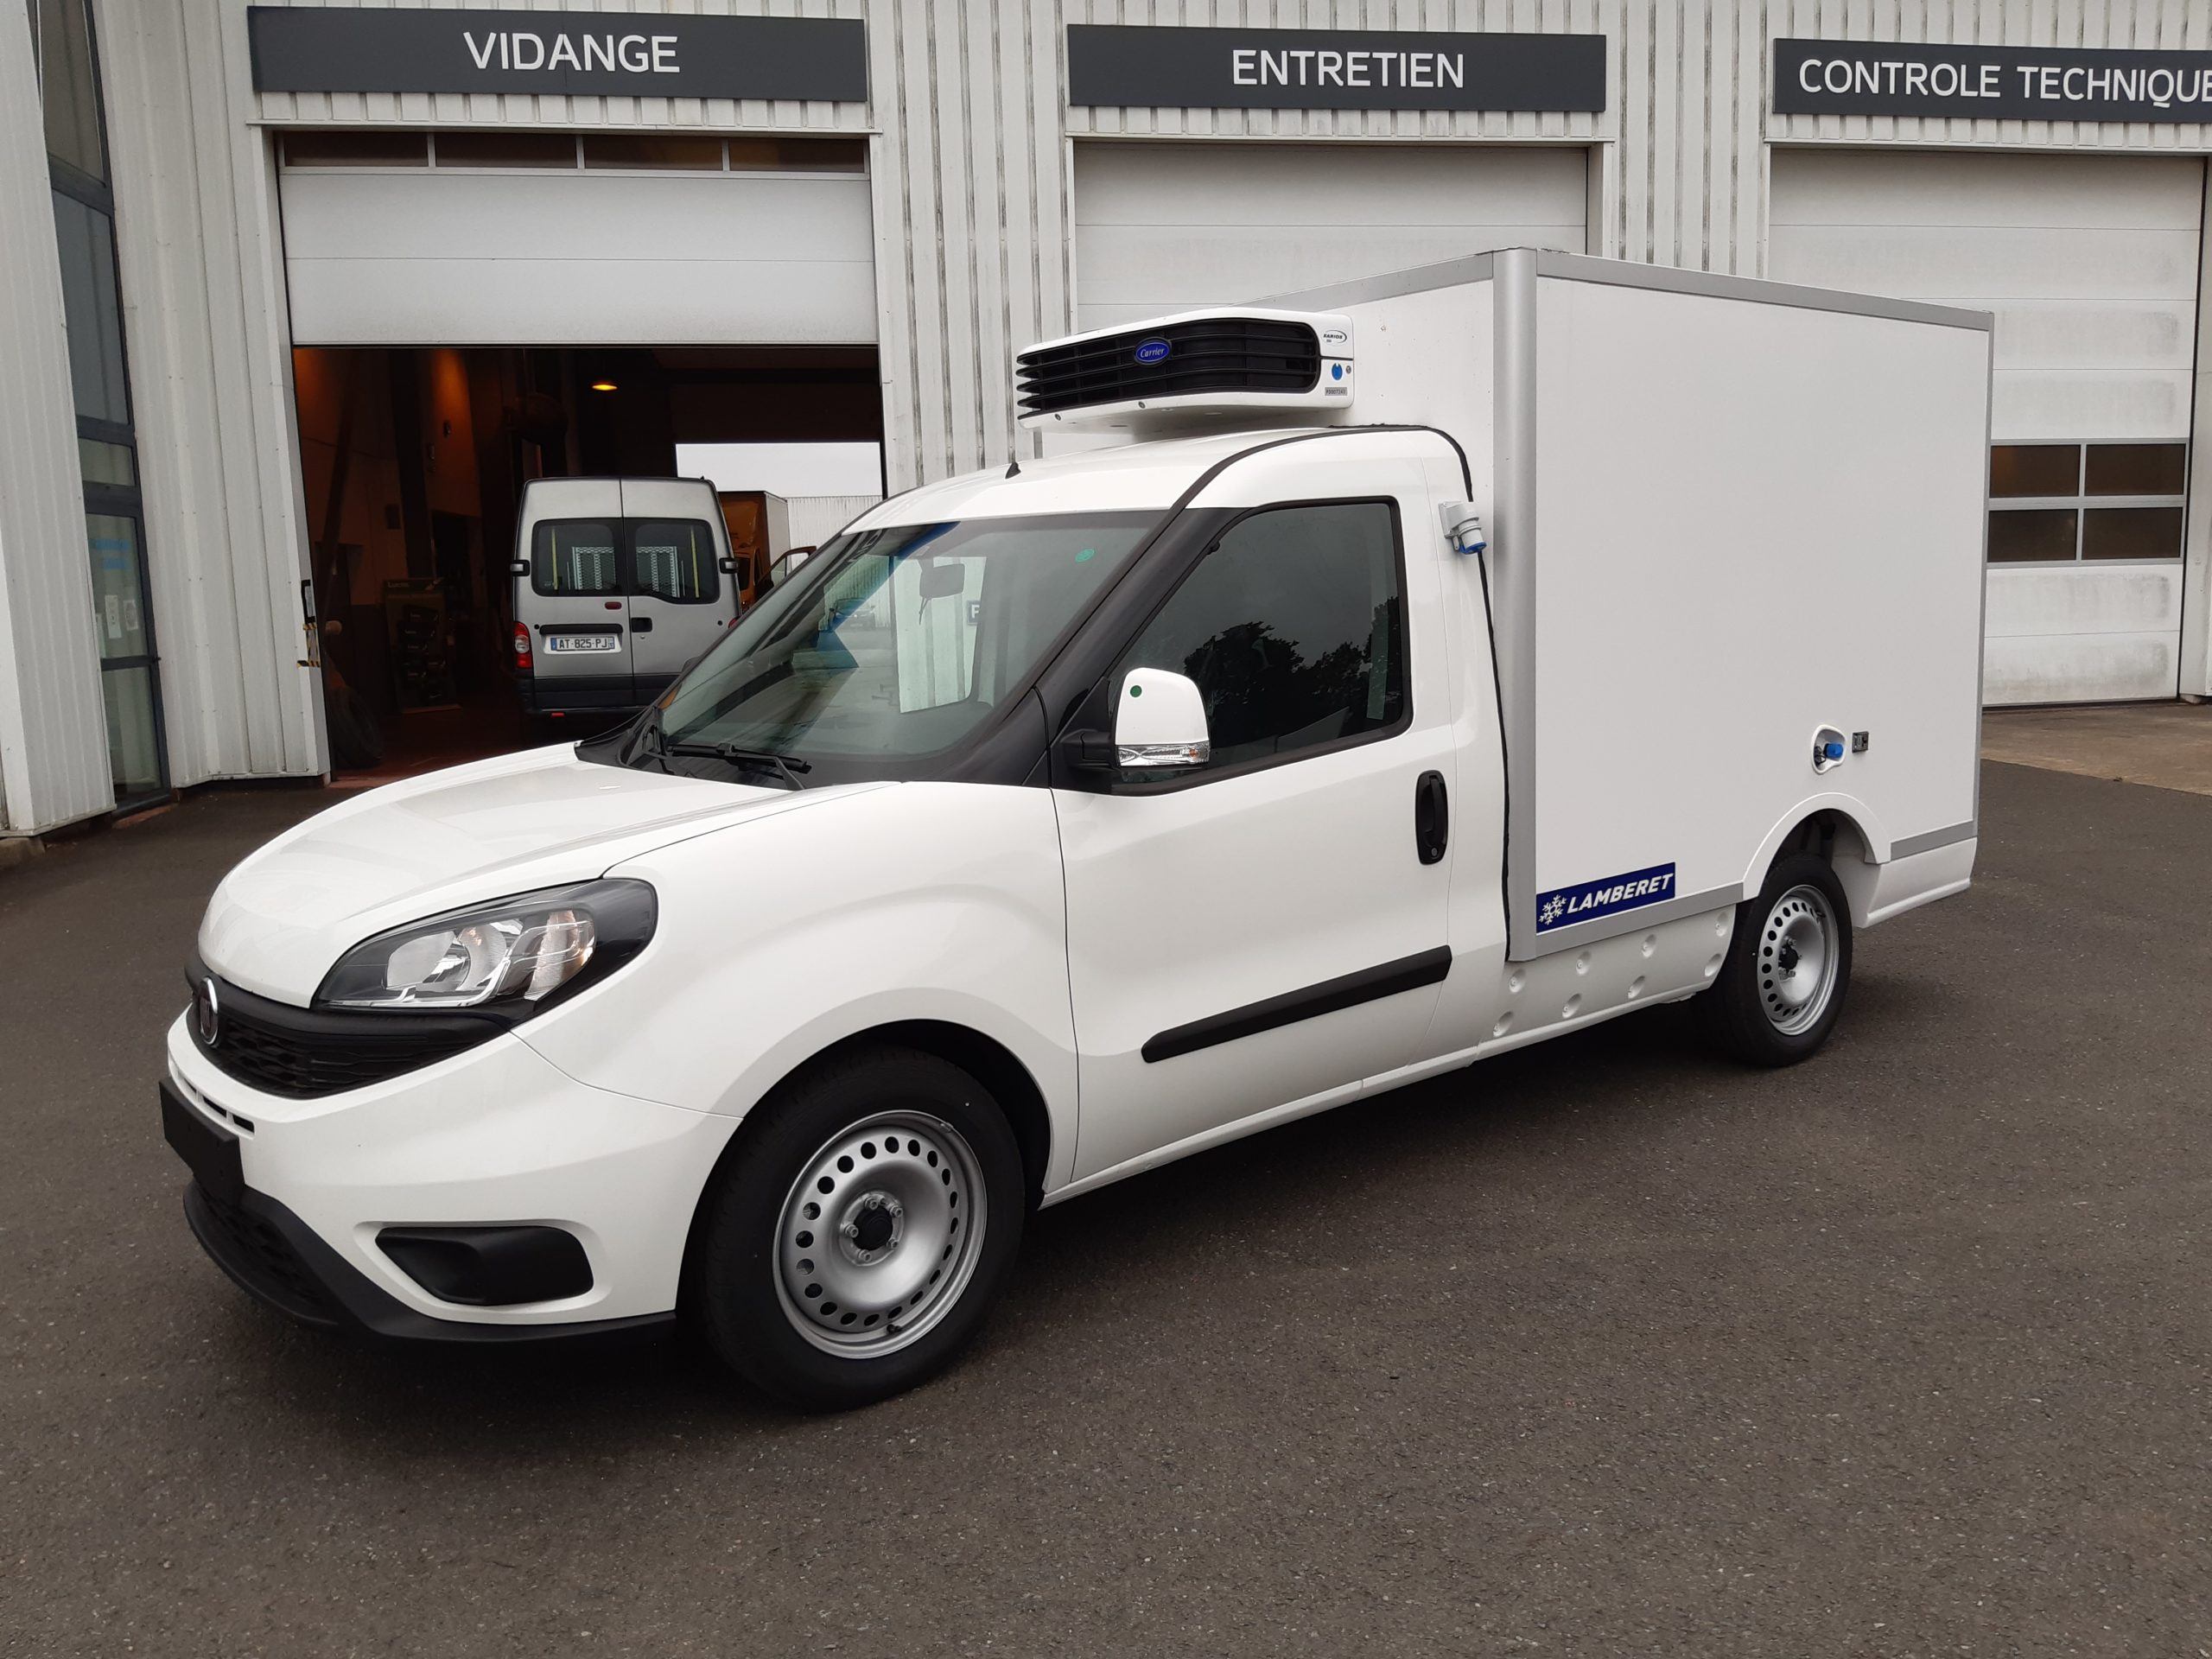 Location d'un utilitaire frigorifique plancher cabine 3m3 - Fiat Doblo Cargo -Vue1